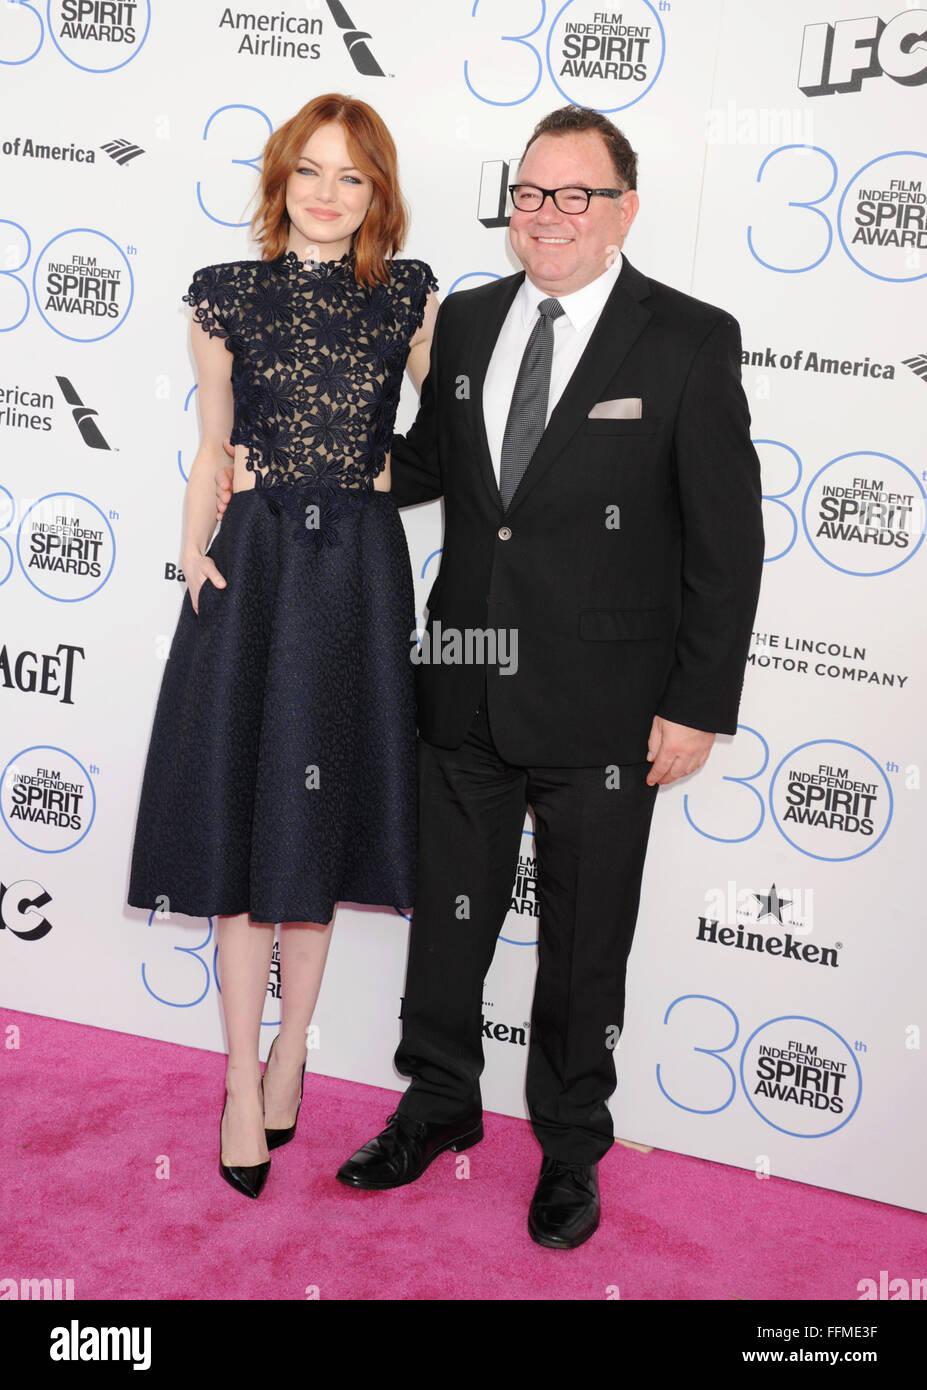 L'actrice Emma Stone (L) et le père Jeff Stone arrivent à la Film Independent Spirit Awards 2015 le Photo Stock